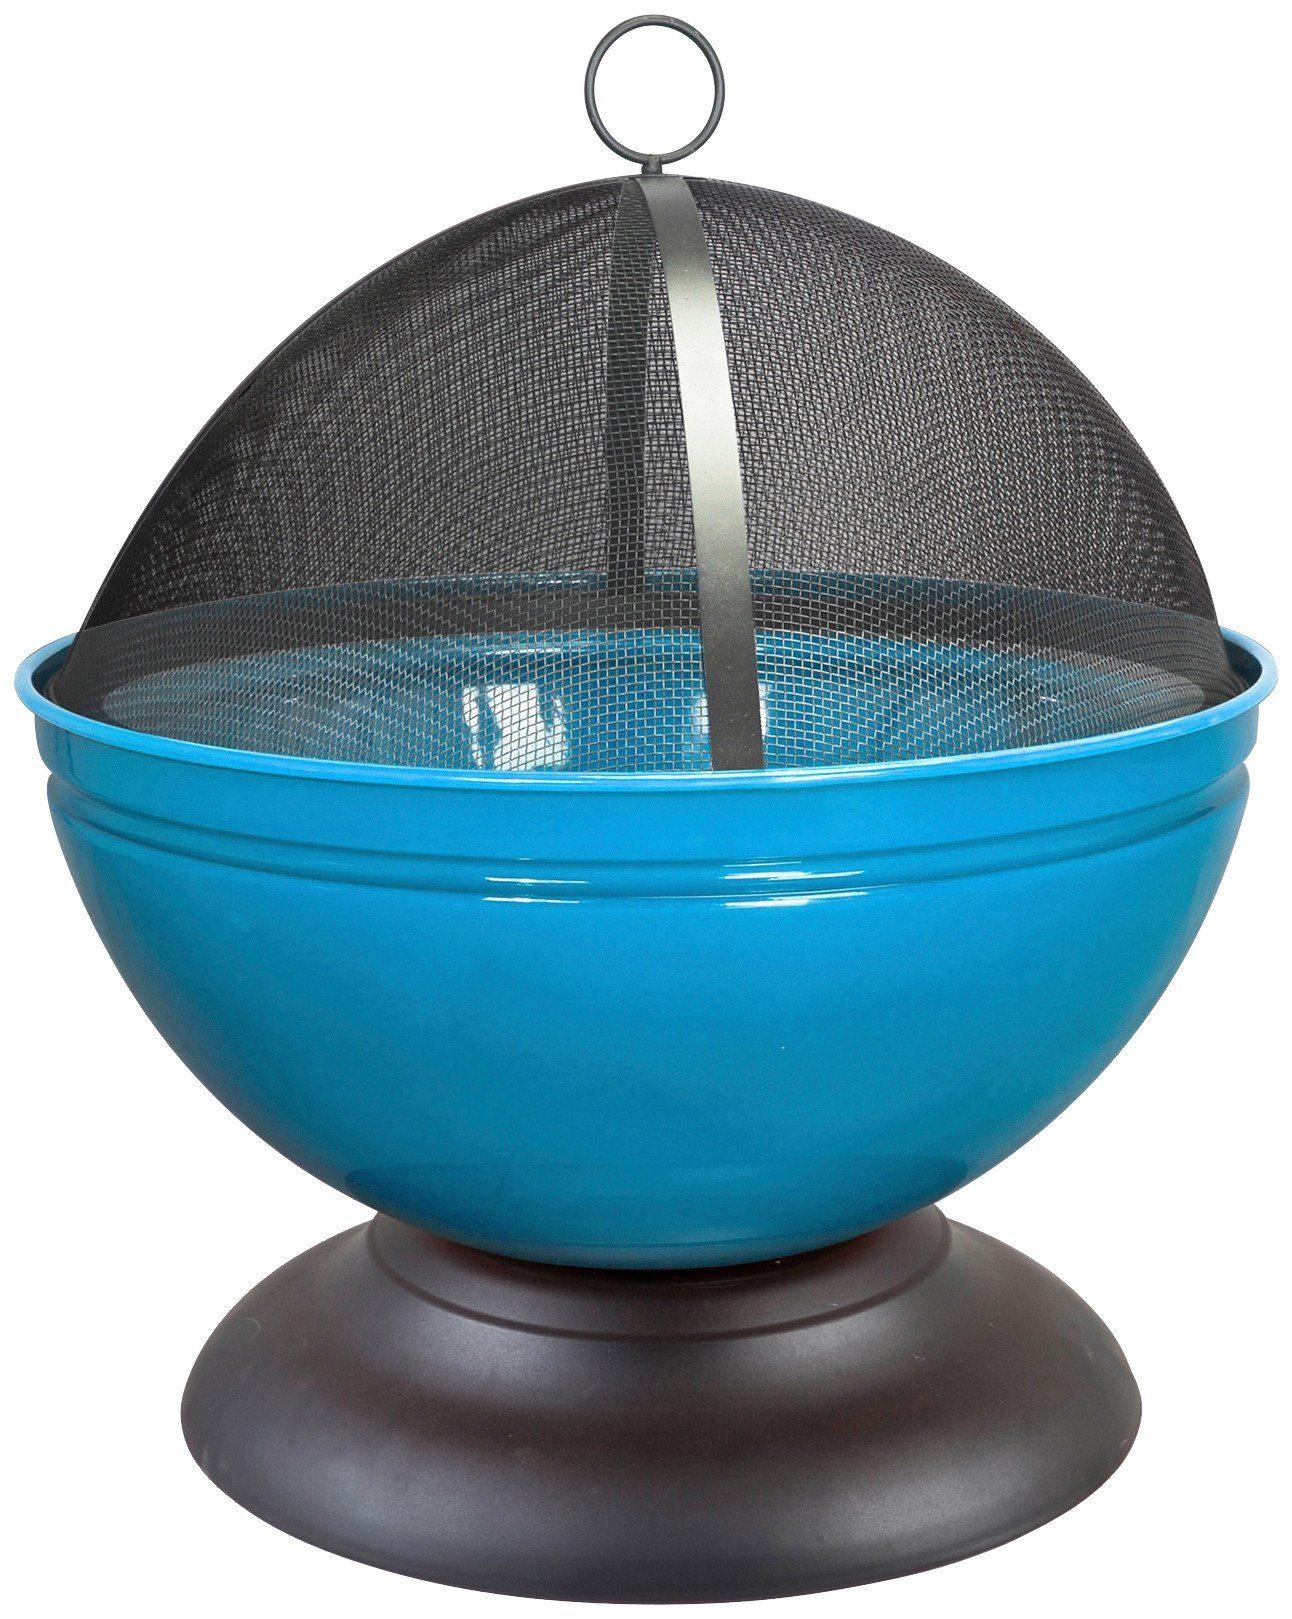 Feuerschale »Globe« inkl. Funkenschutzhaube, blau